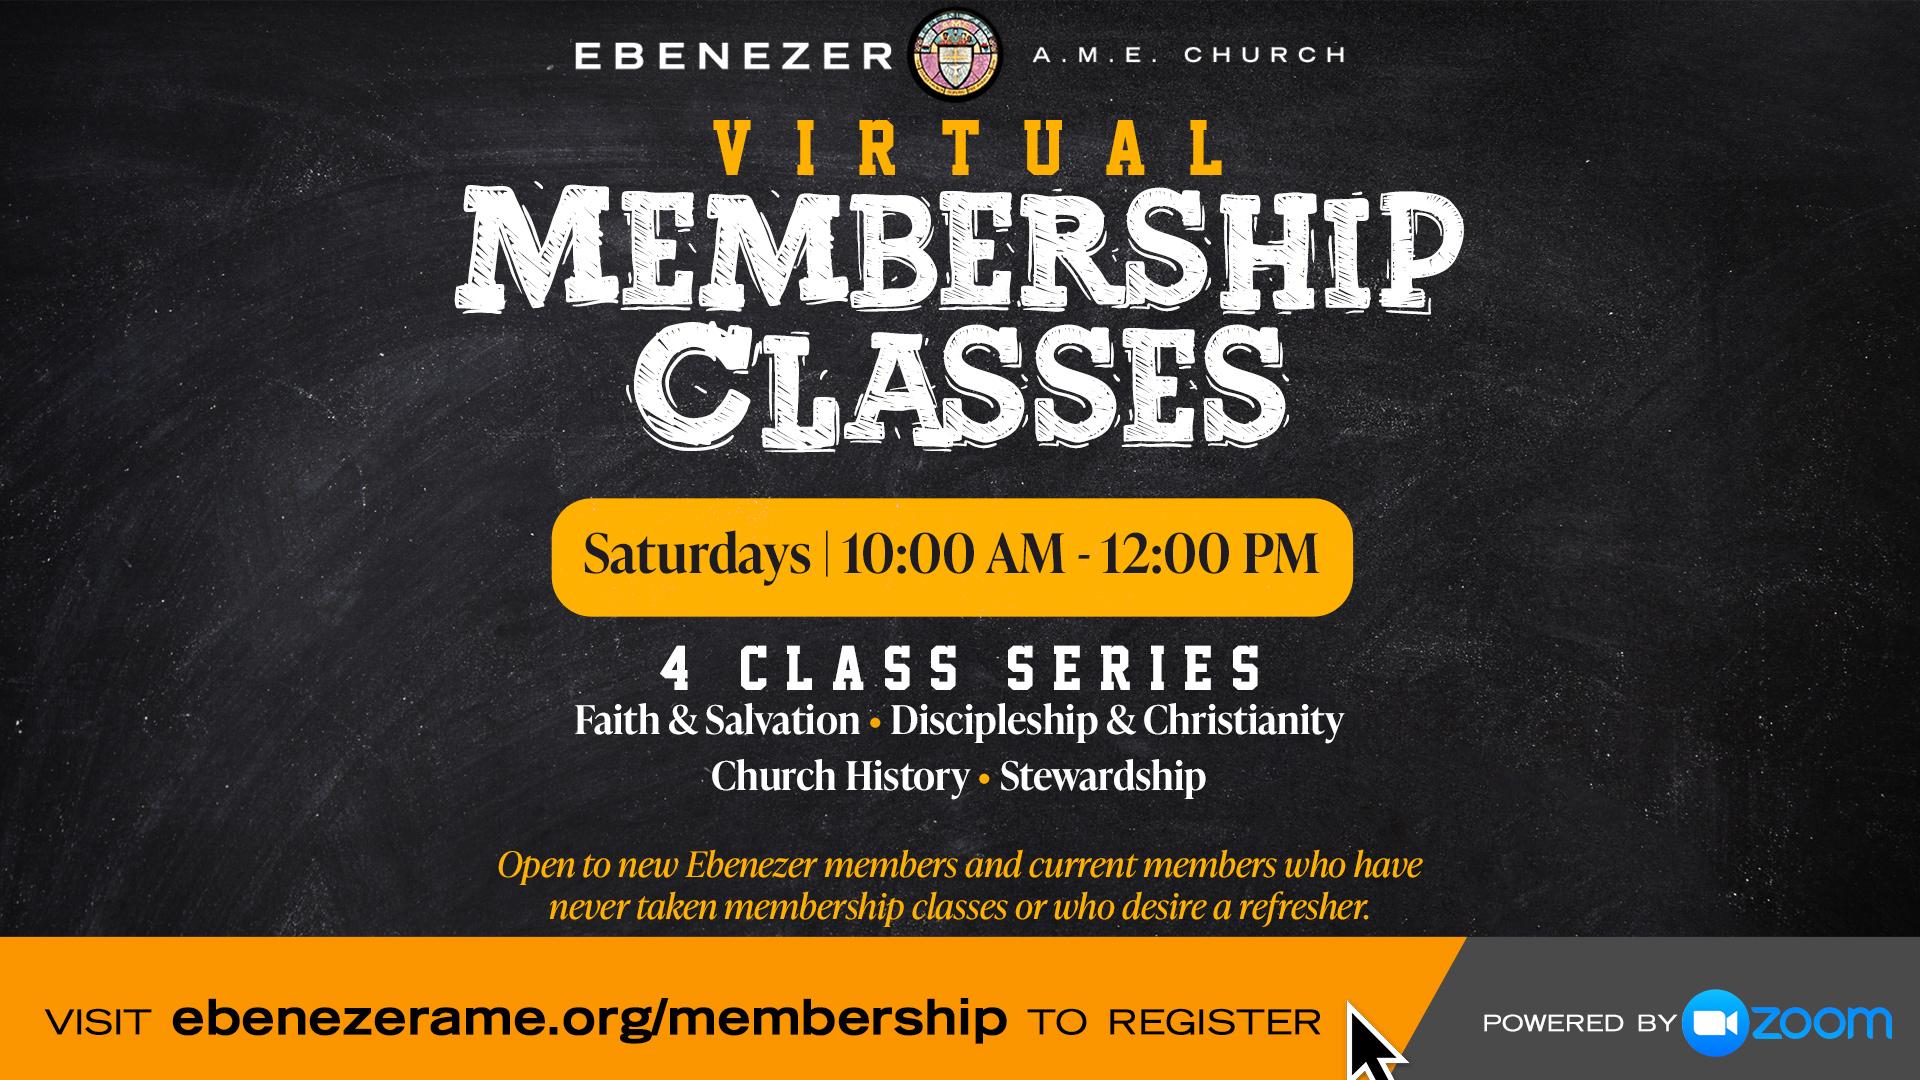 Virtual Membership Classes